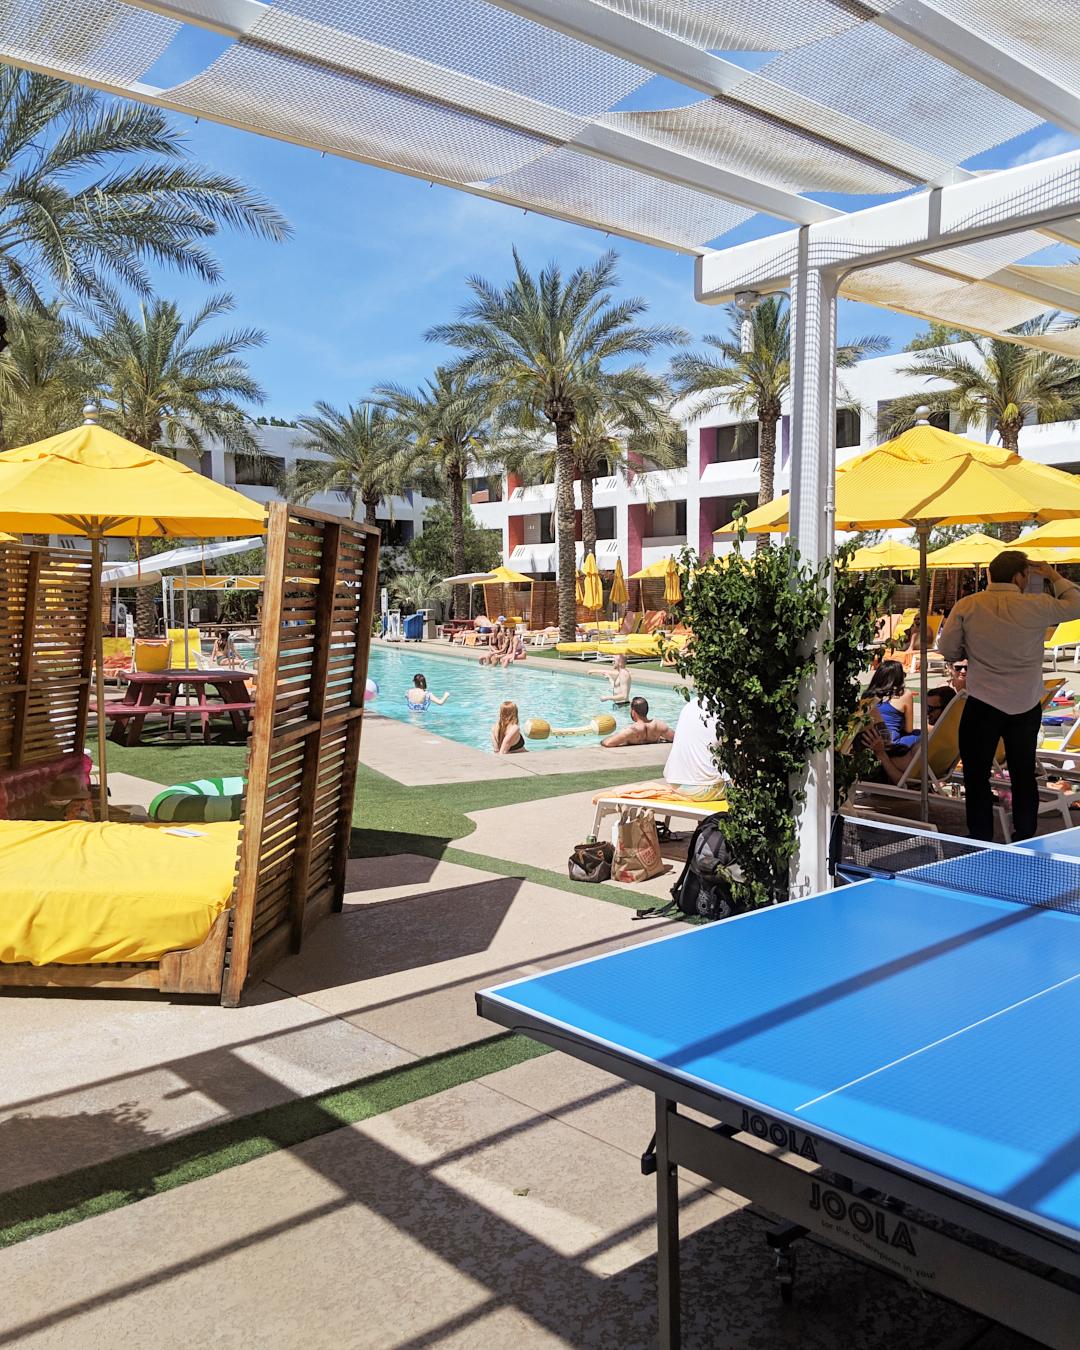 Outside pool area of the Saguaro Hotel